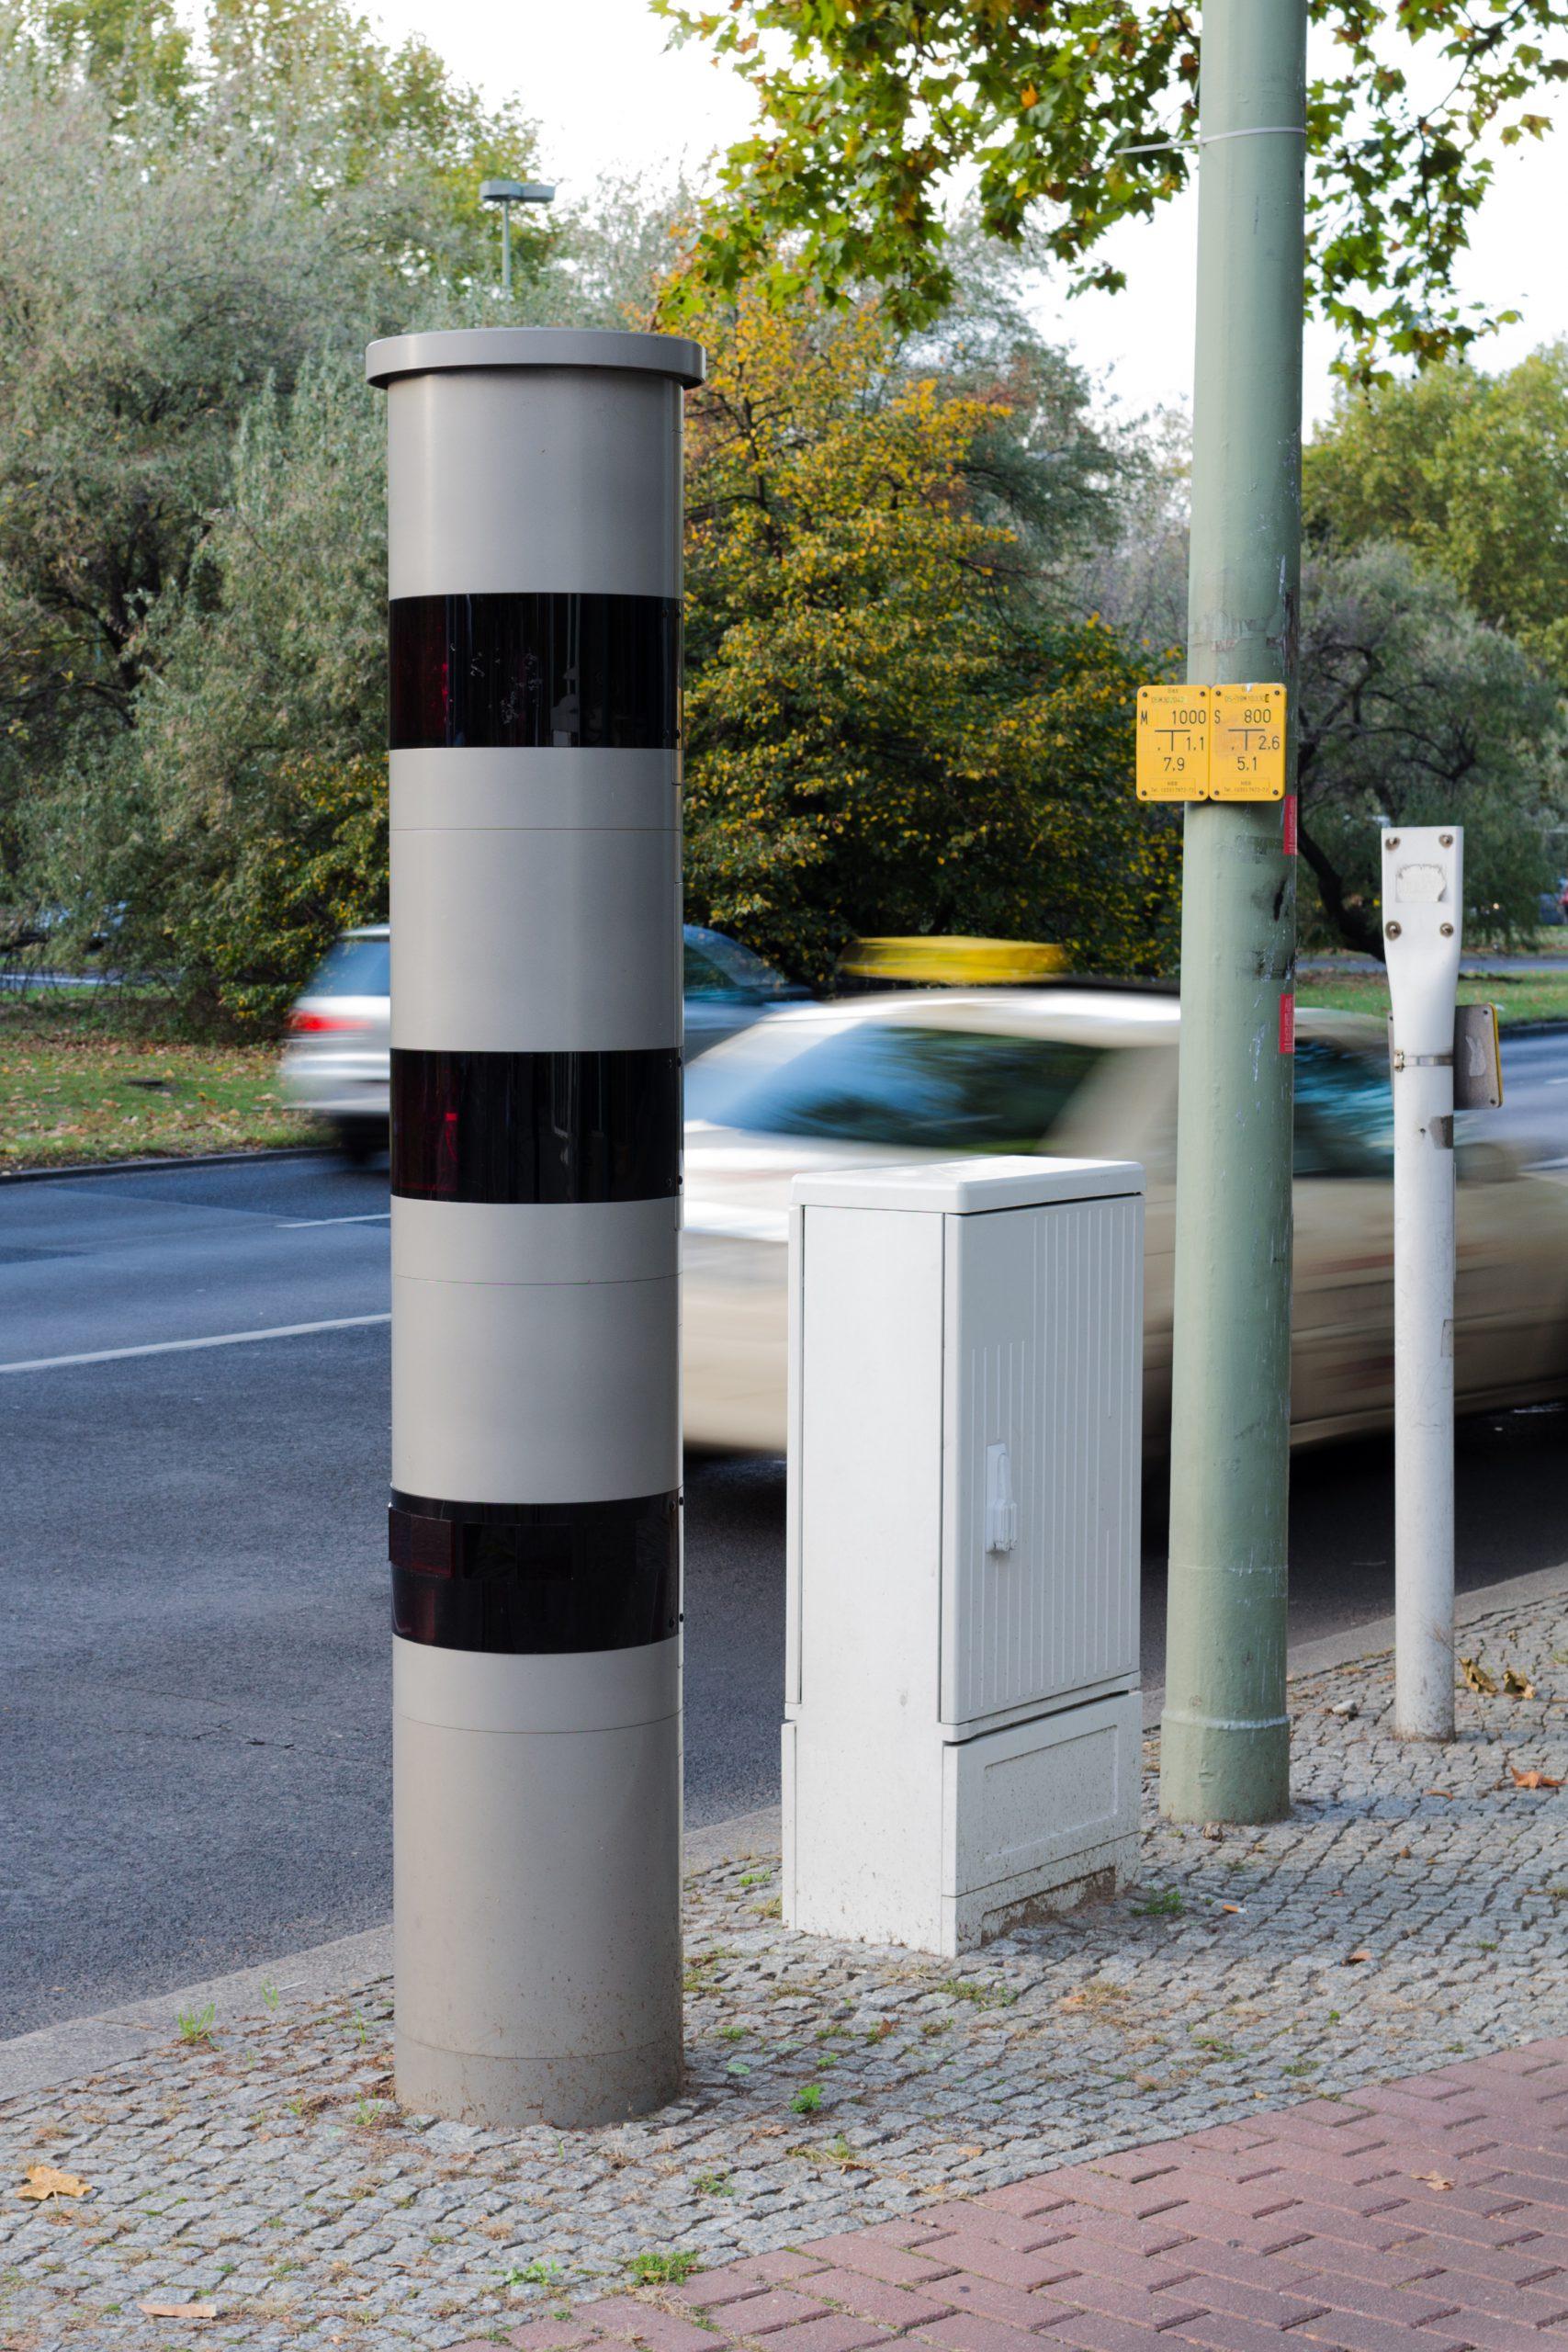 """Blitzer-Fotos unverwertbar: Laser von """"Poliscan Speed"""" misst falsch"""